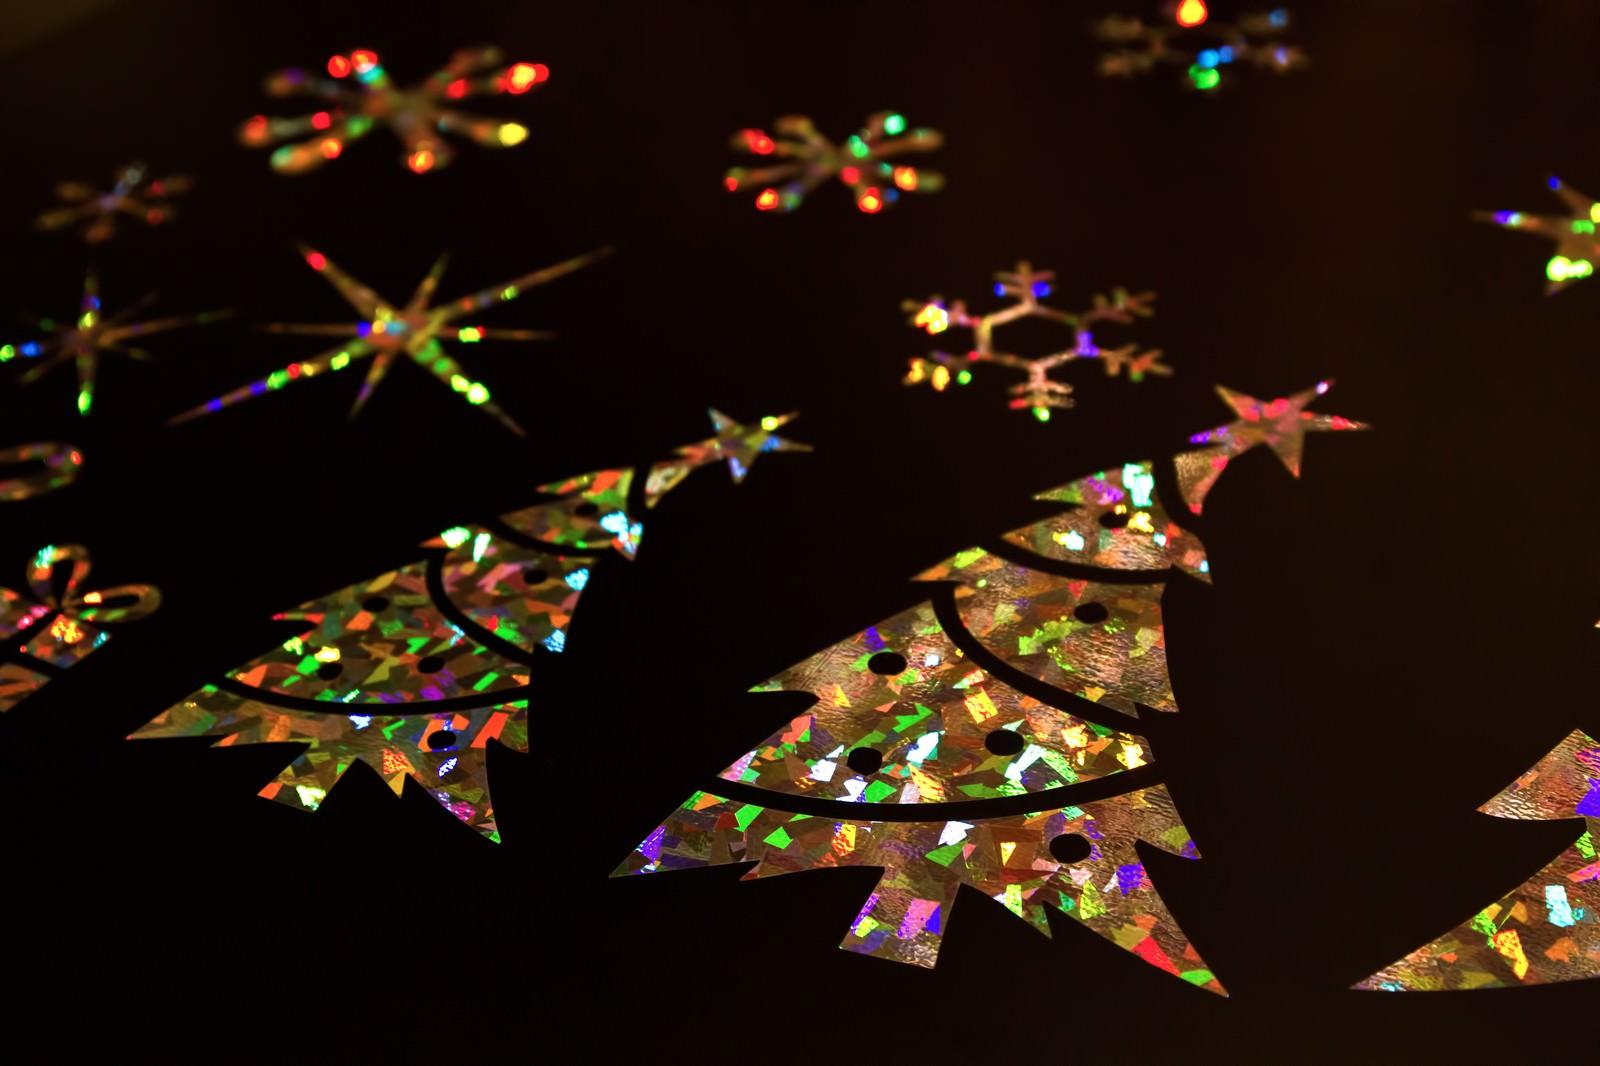 「クリスマスツリーのキラキラシール | 写真の無料素材・フリー素材 - ぱくたそ」の写真